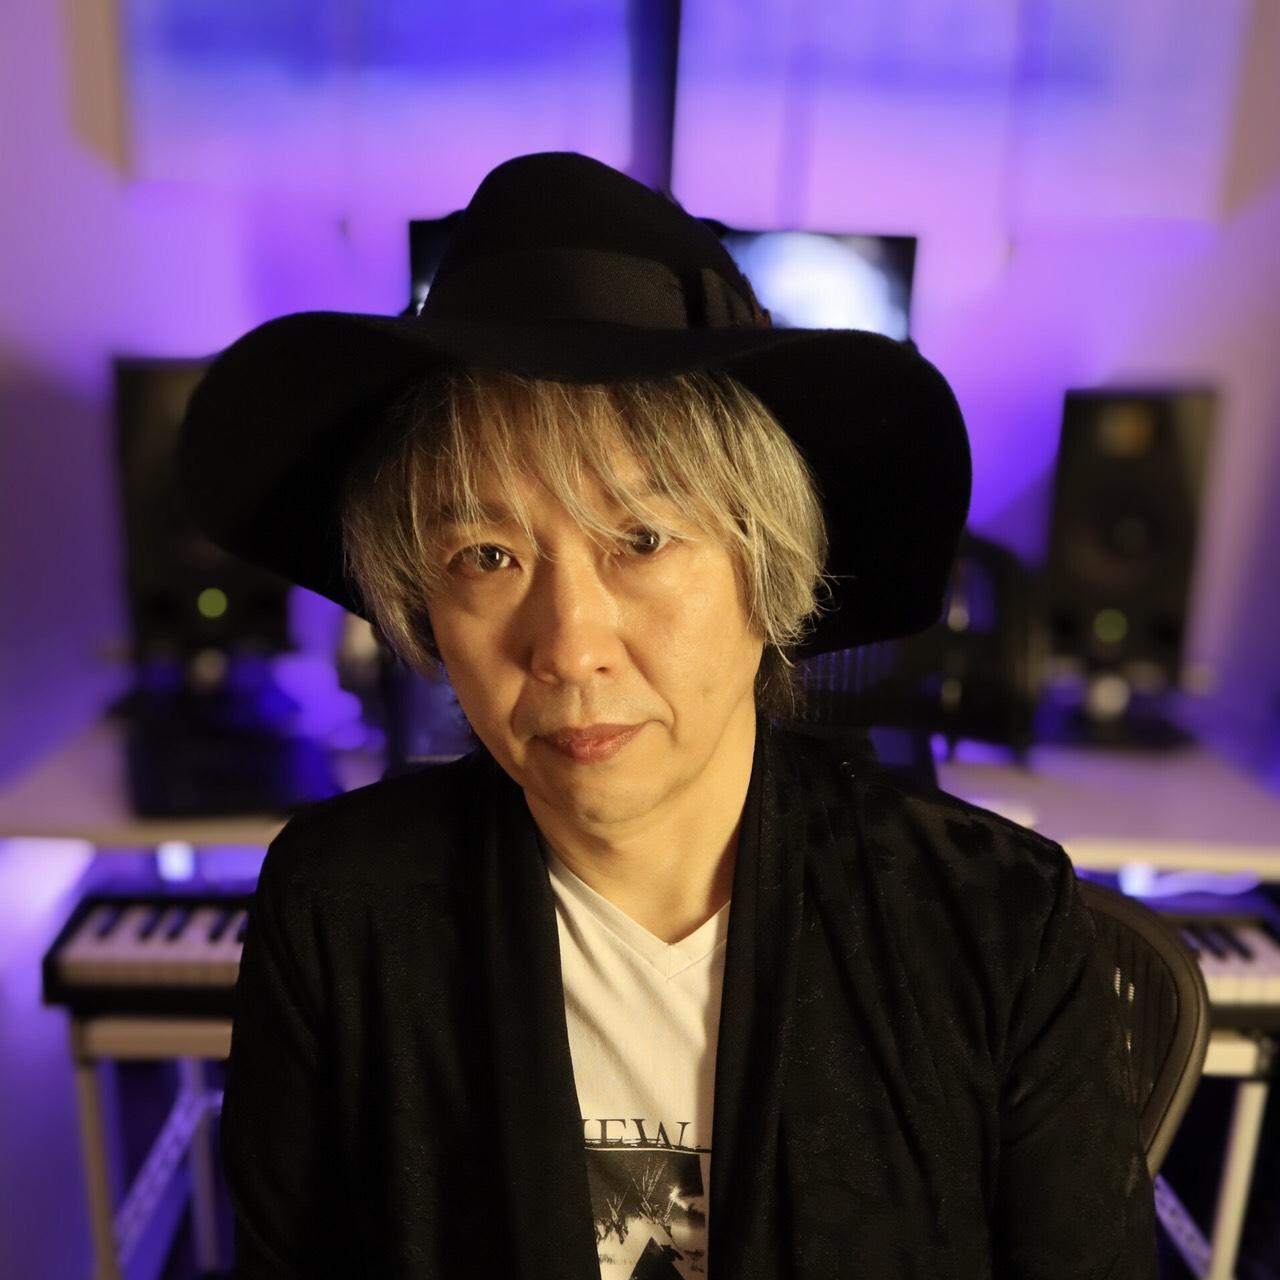 永井誠一郎(ミュージシャン)